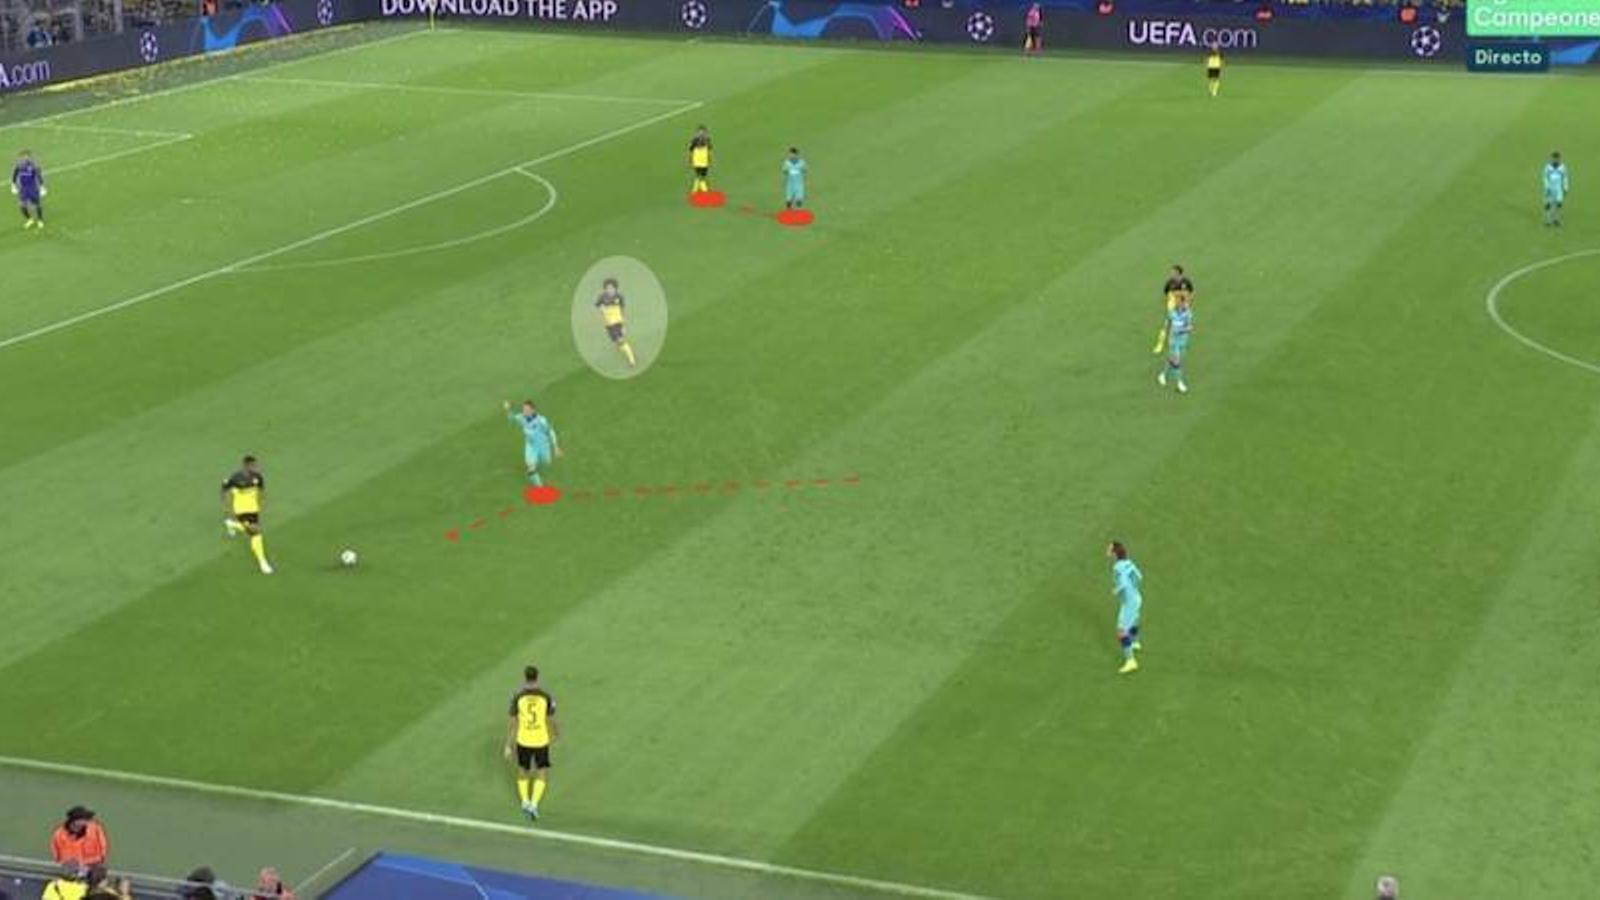 Suárez s'enganxa a Hummels i Arthur salta al sector esquerre